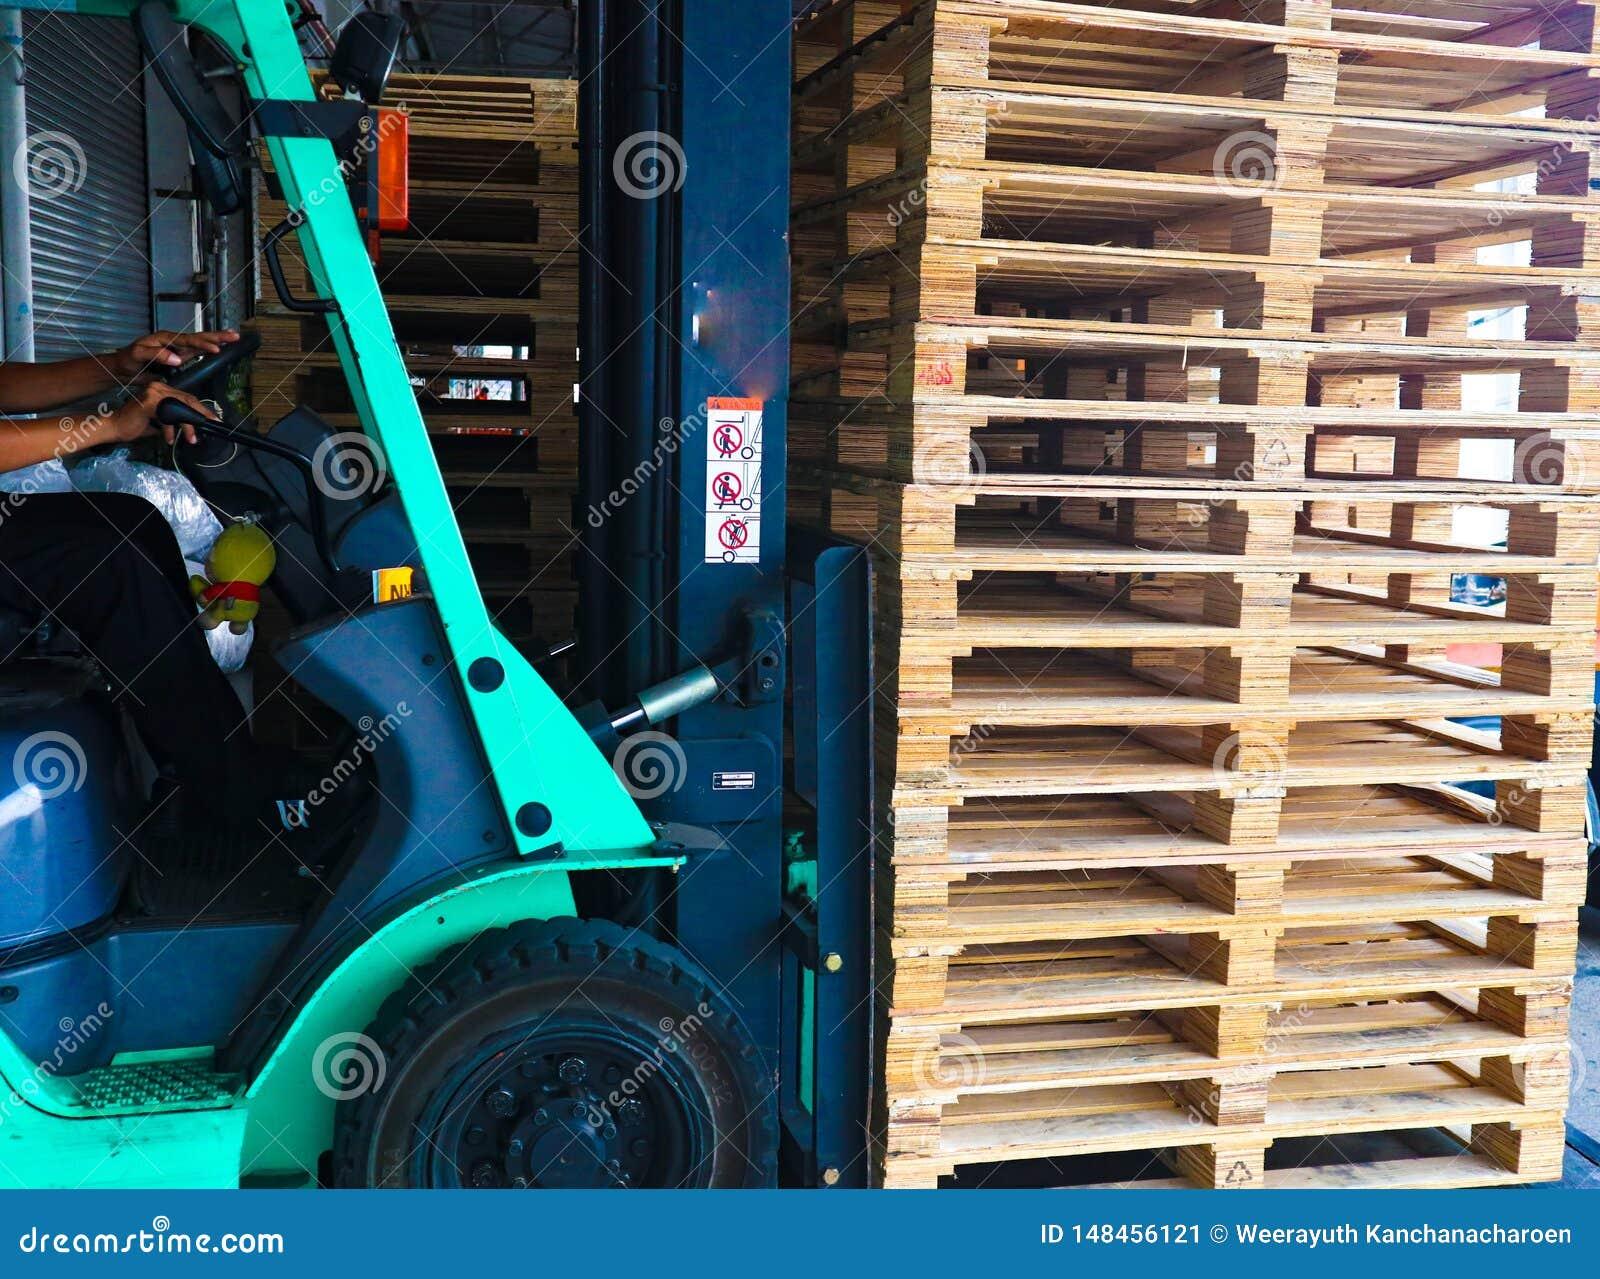 Forklift χειριστής που χειρίζεται τις ξύλινες παλέτες στο φορτίο αποθηκών εμπορευμάτων για τη μεταφορά στο εργοστάσιο πελατών